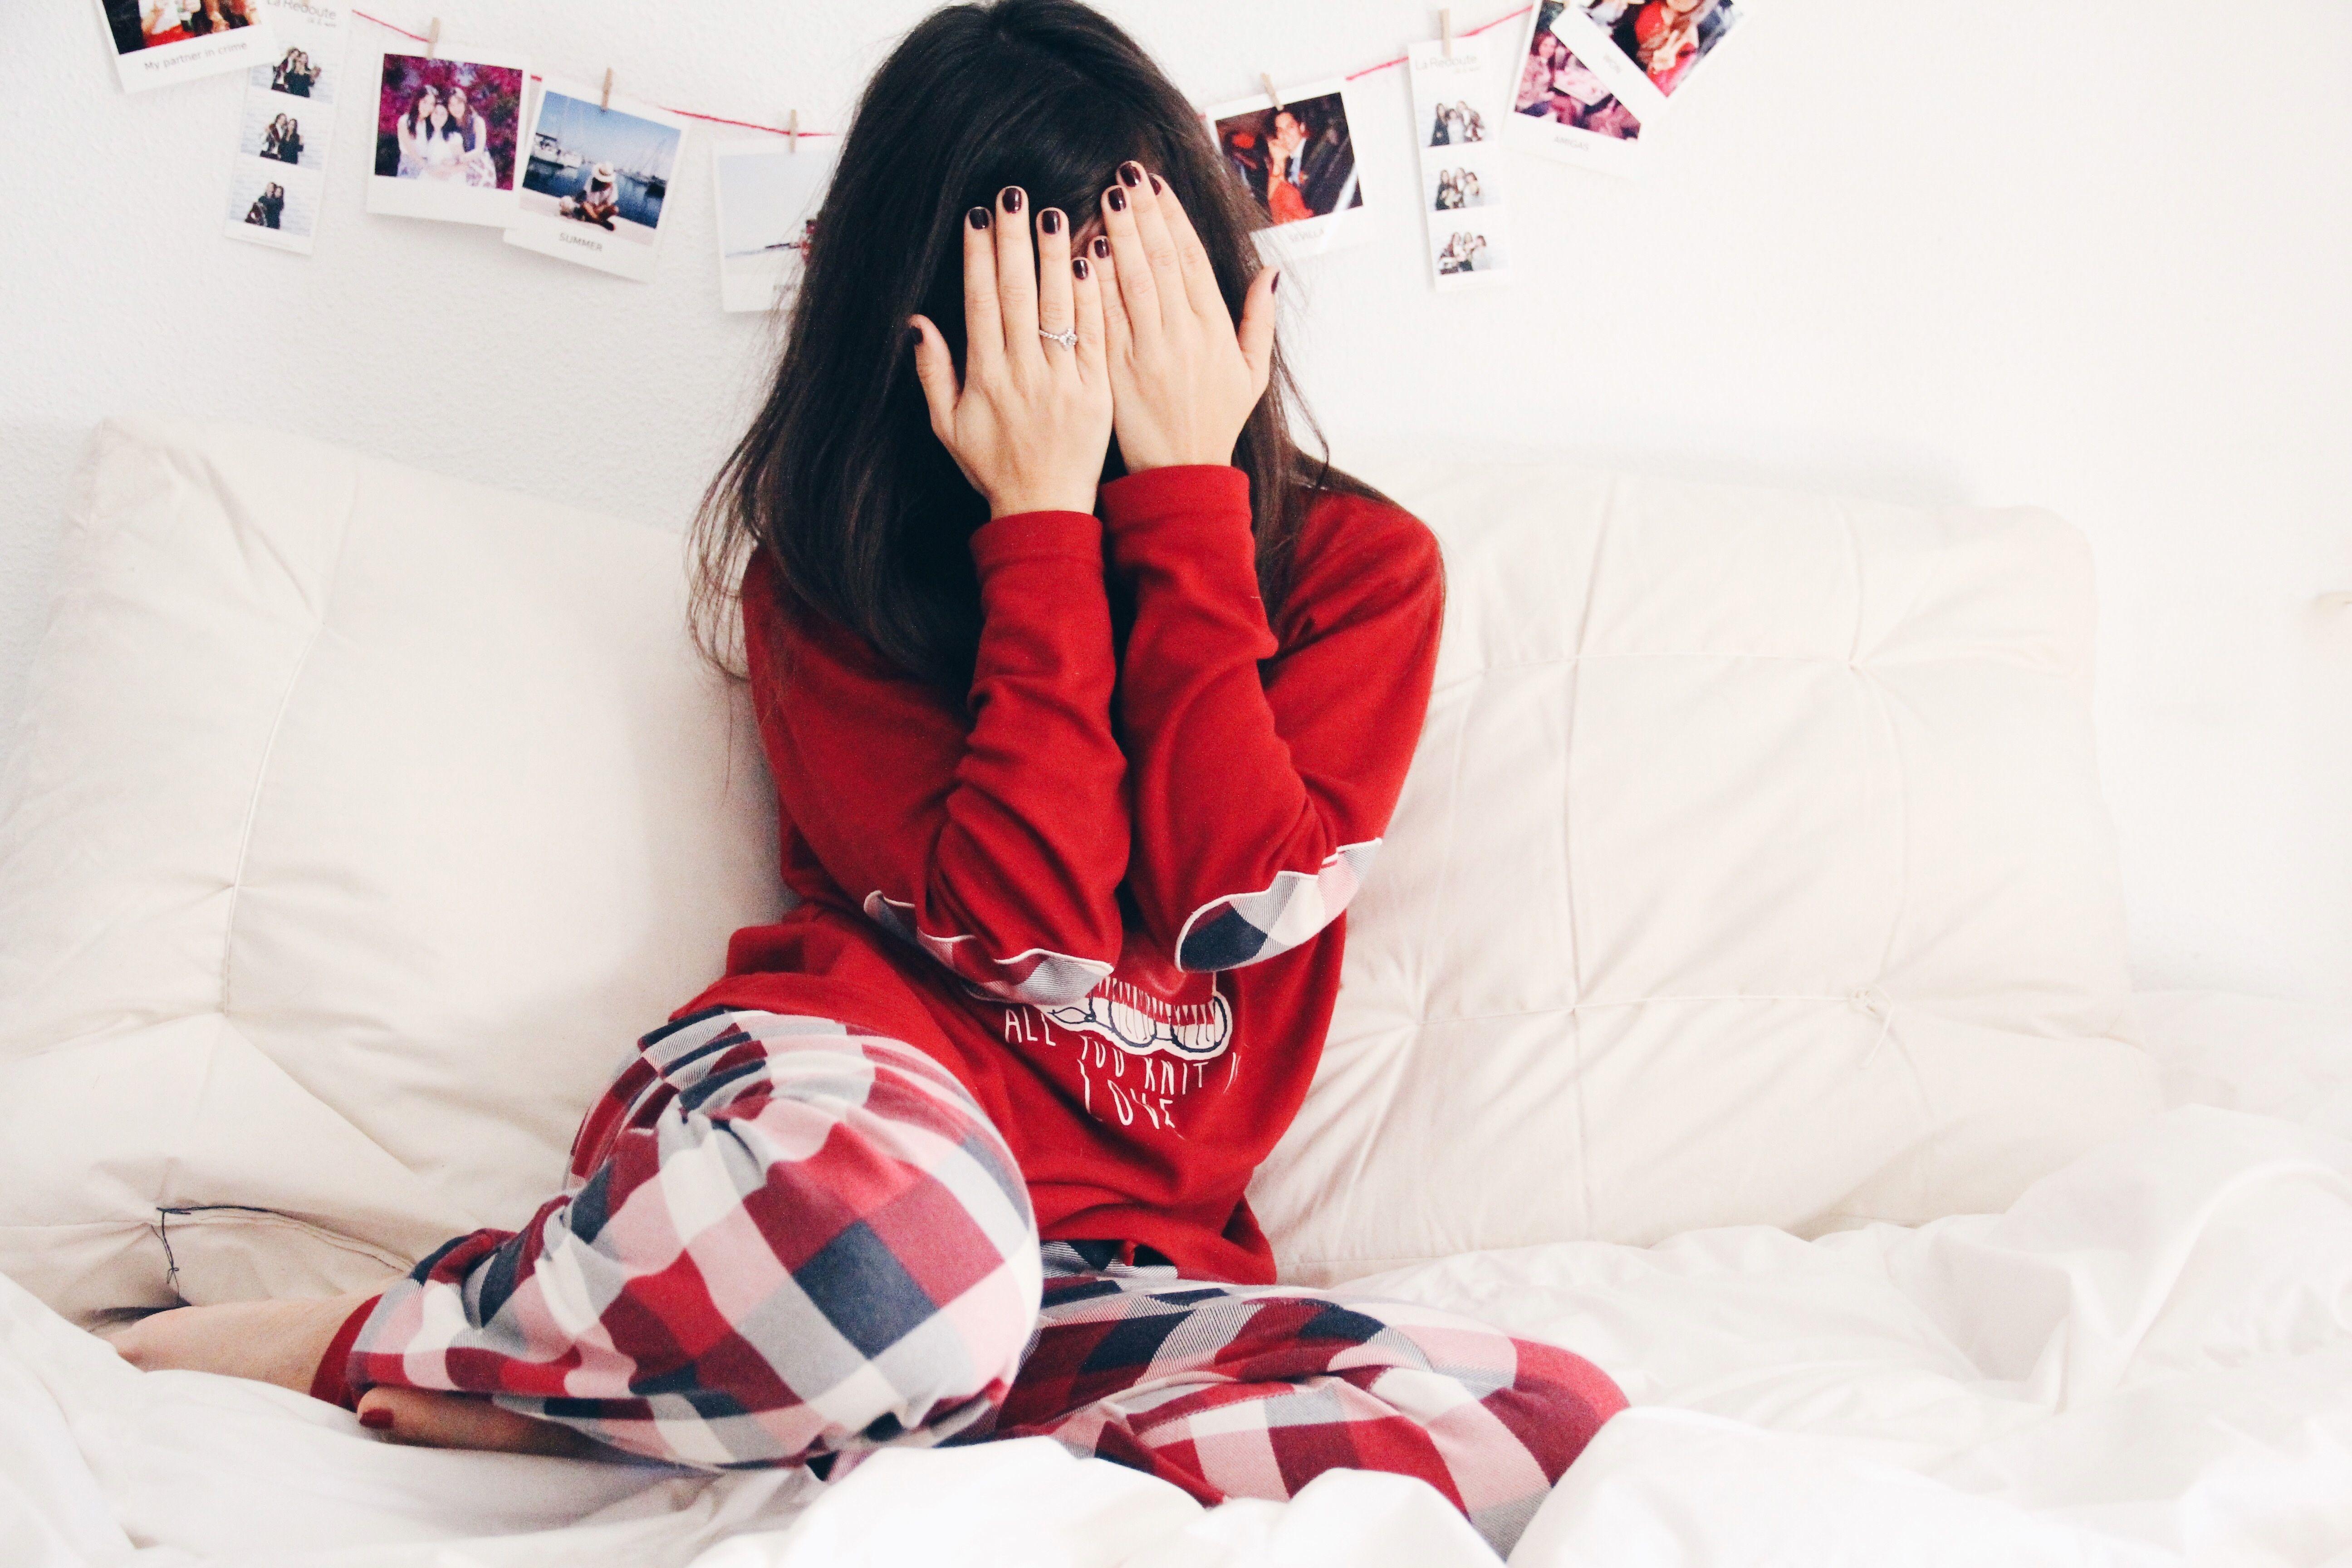 Gisela_intimates-pijama_de_cuadros-pijama_de_snoopy-tarde_de_manta_y_sofa-less_is_more_en_pijama-gorro_de_lana_primark